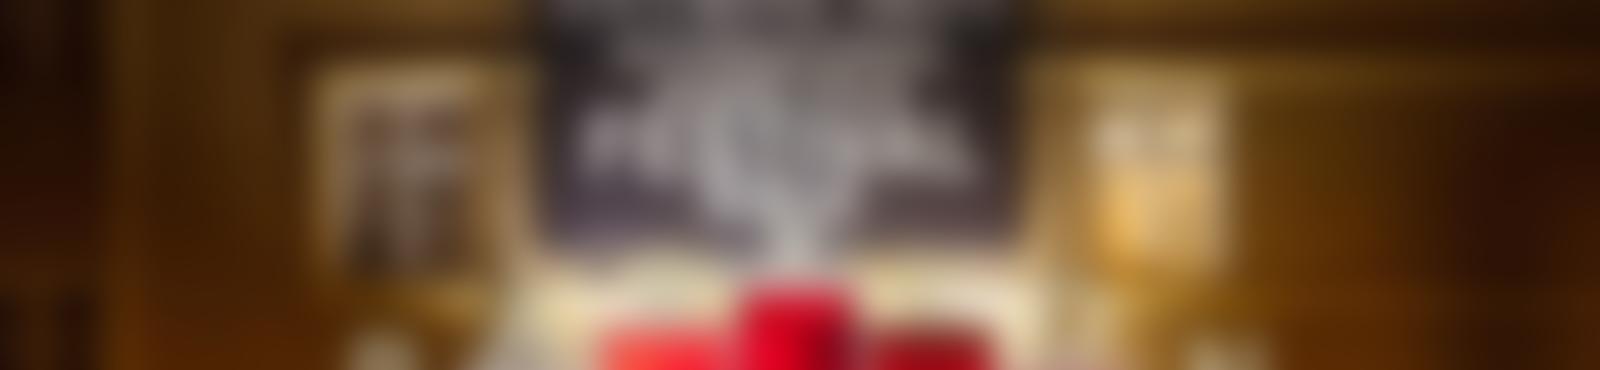 Blurred 41066c55 9950 47f1 9b0e af67fa842c0b